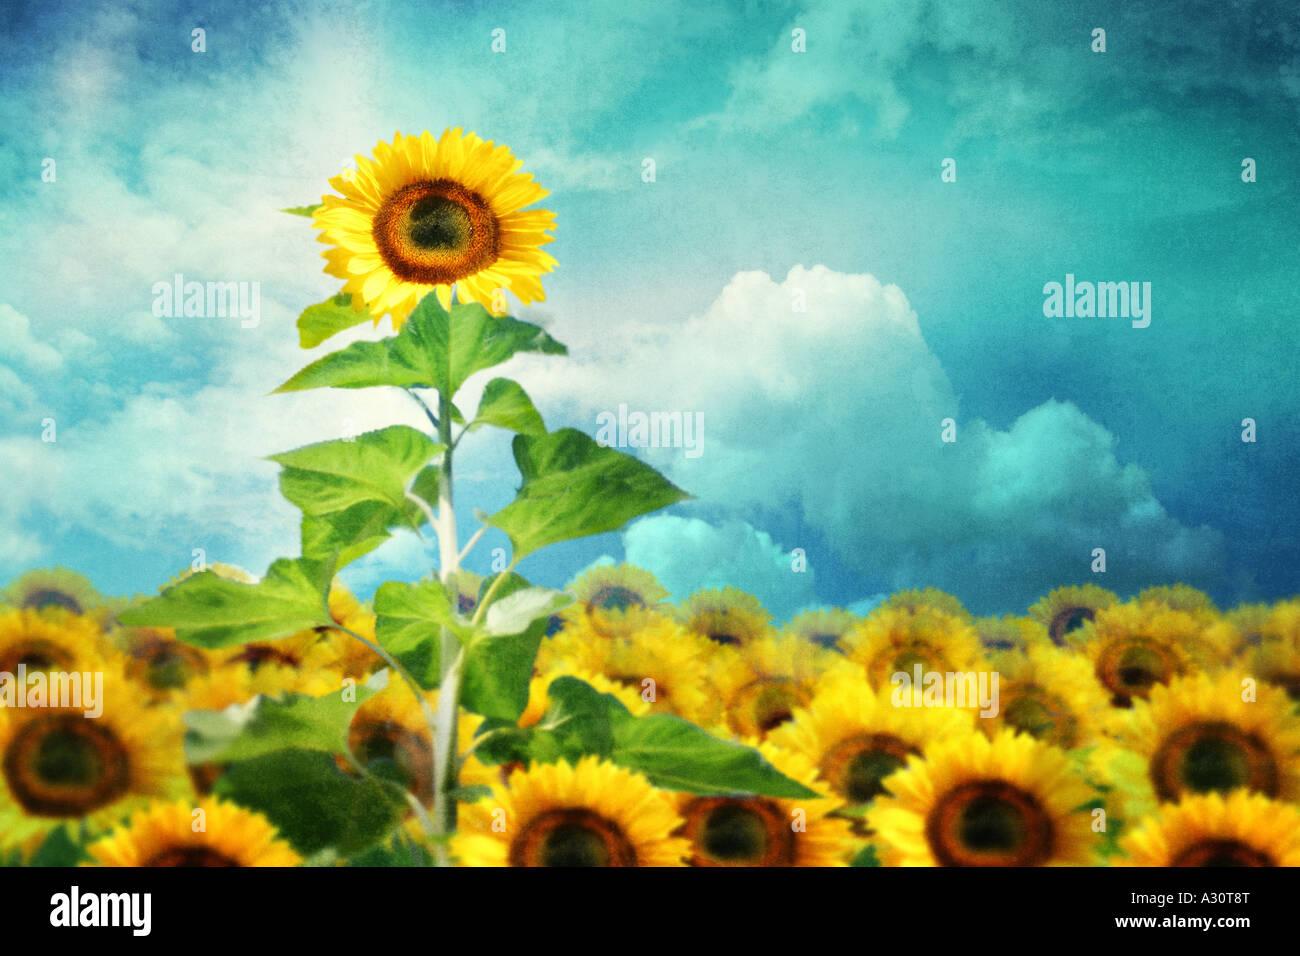 Konzept-Bild eines hohen Sonnenblumen stehenden heraus vom rest Stockbild